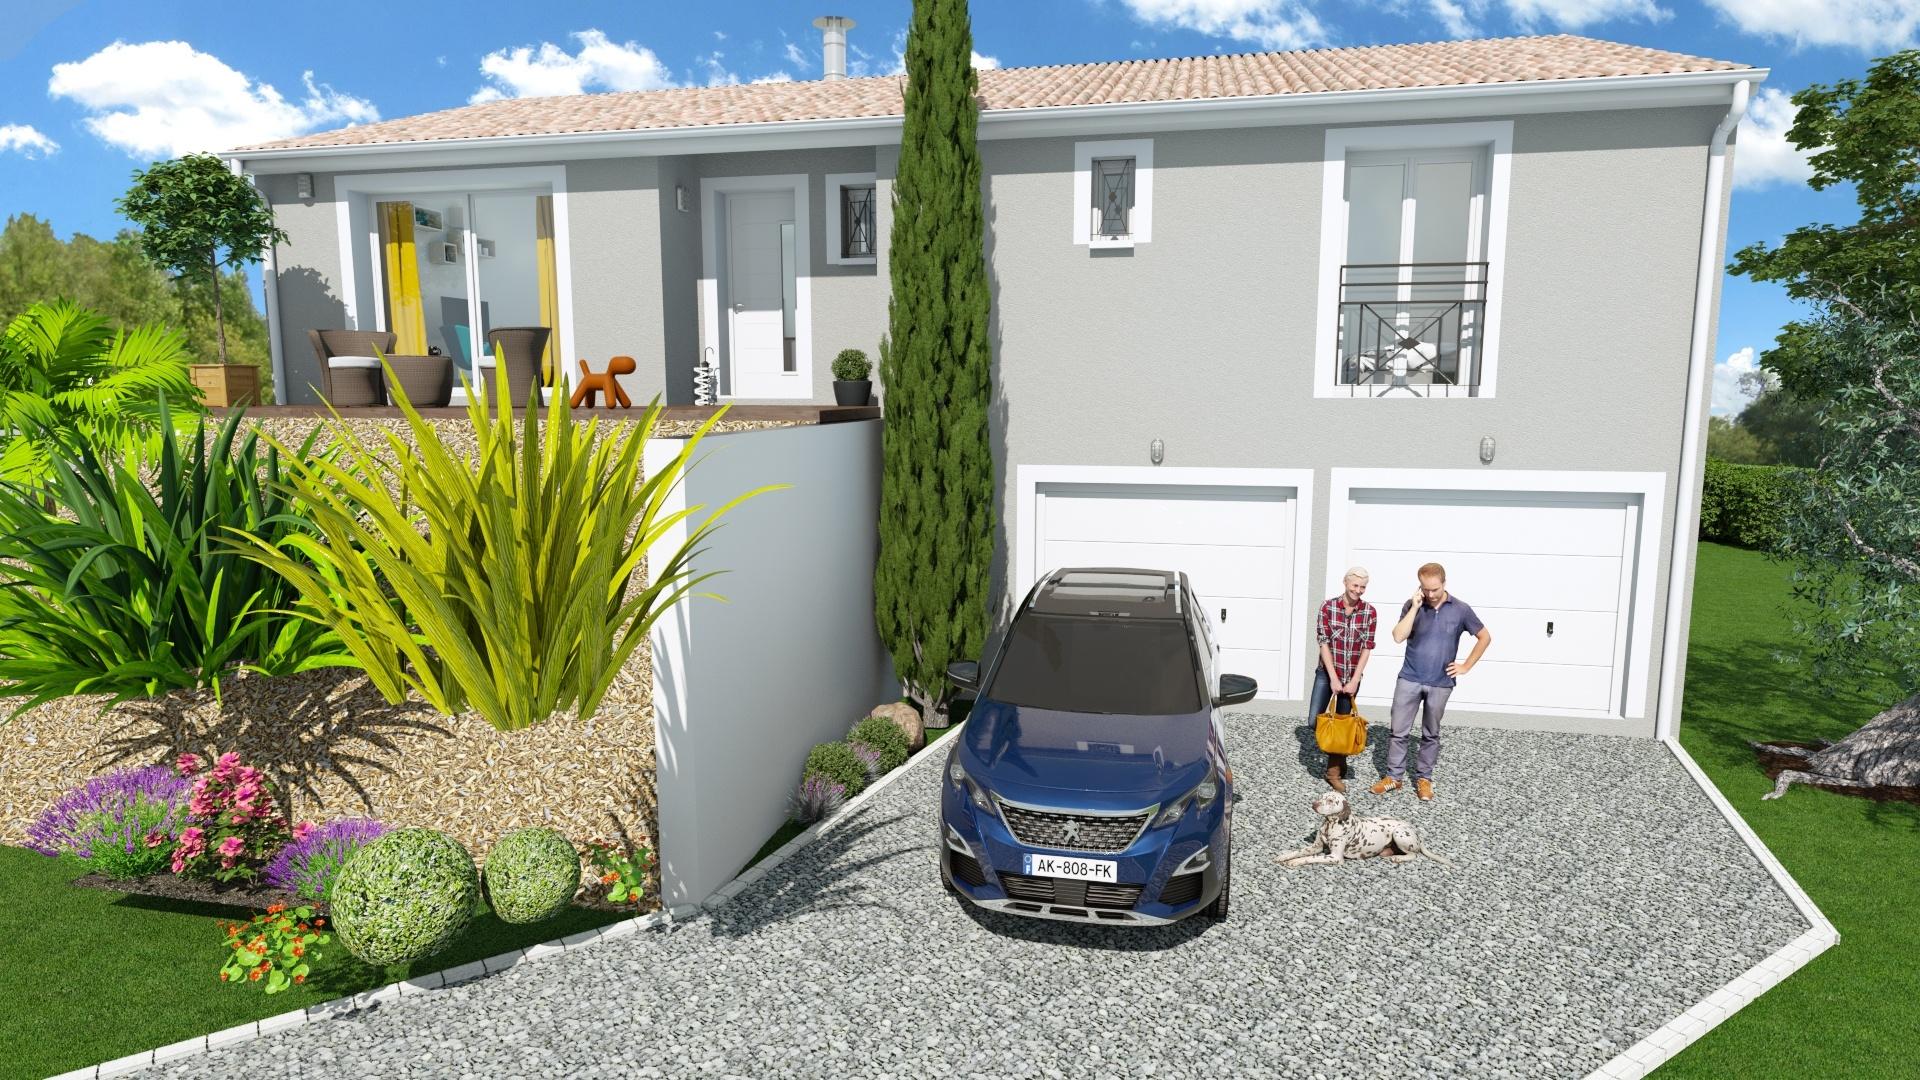 Maisons + Terrains du constructeur Maison Familiale Toulouse • 101 m² • MONTASTRUC LA CONSEILLERE